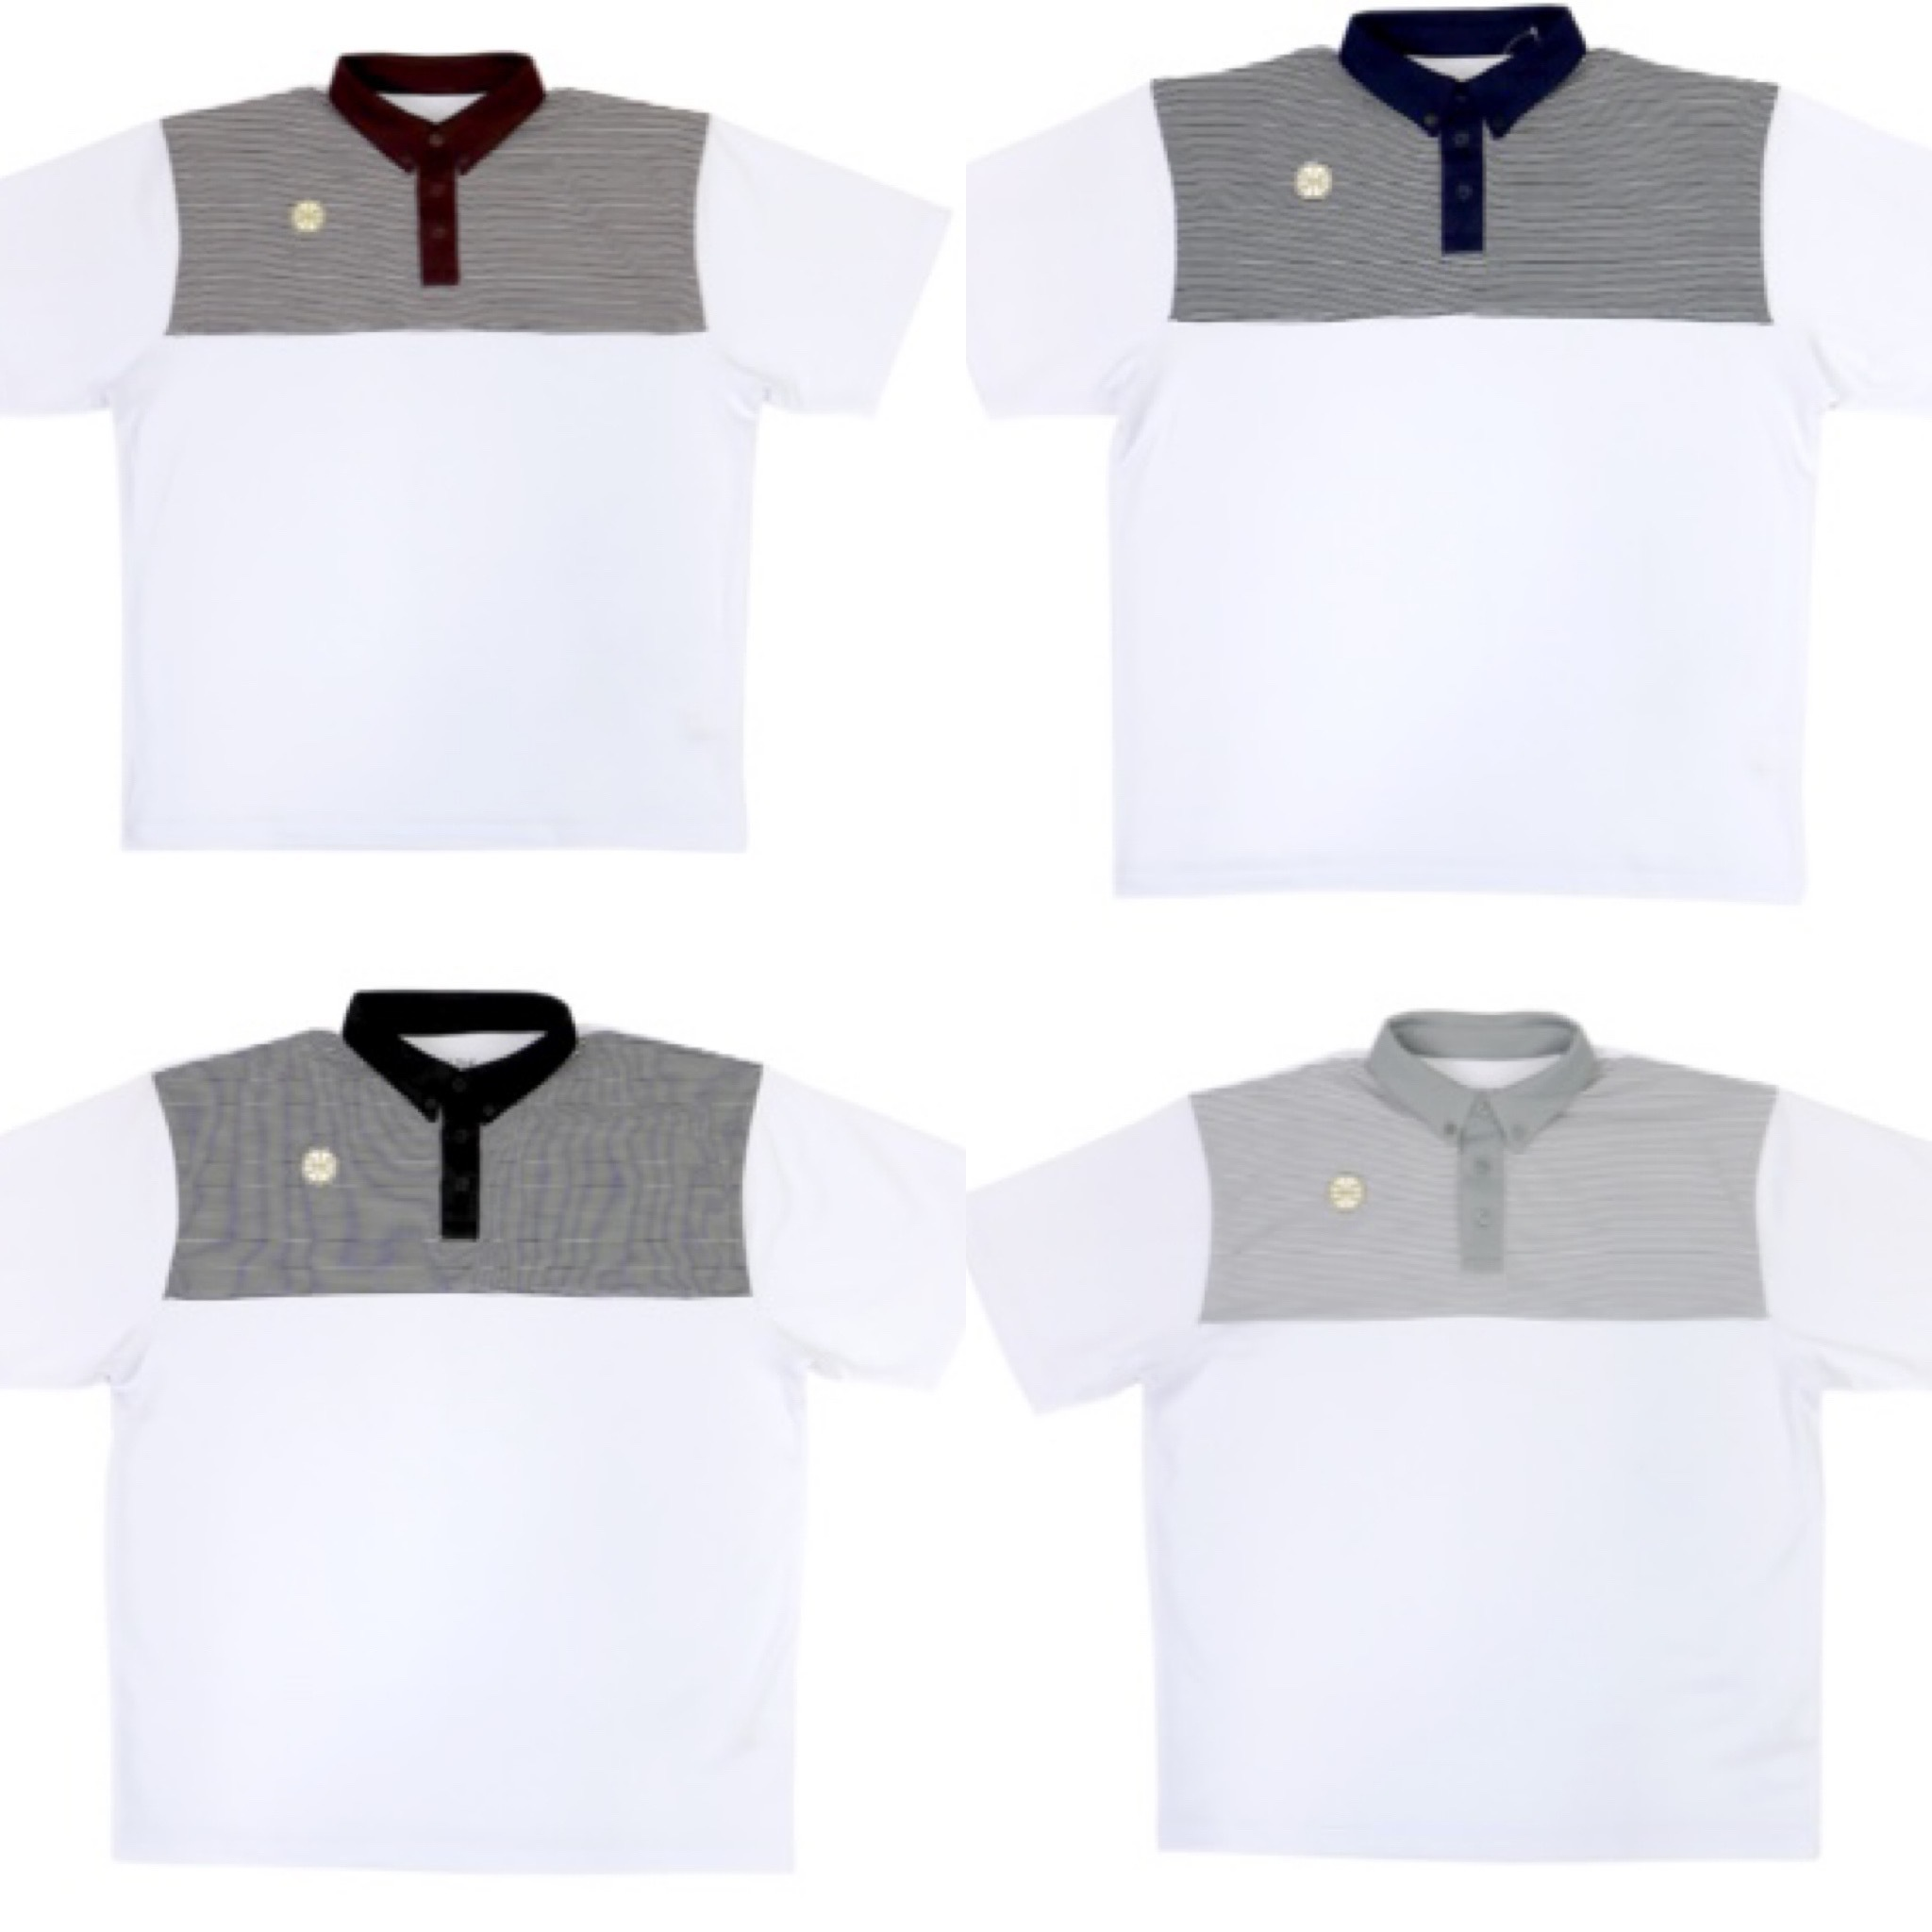 ポロシャツ・セットアップ_a0175188_16292379.jpg